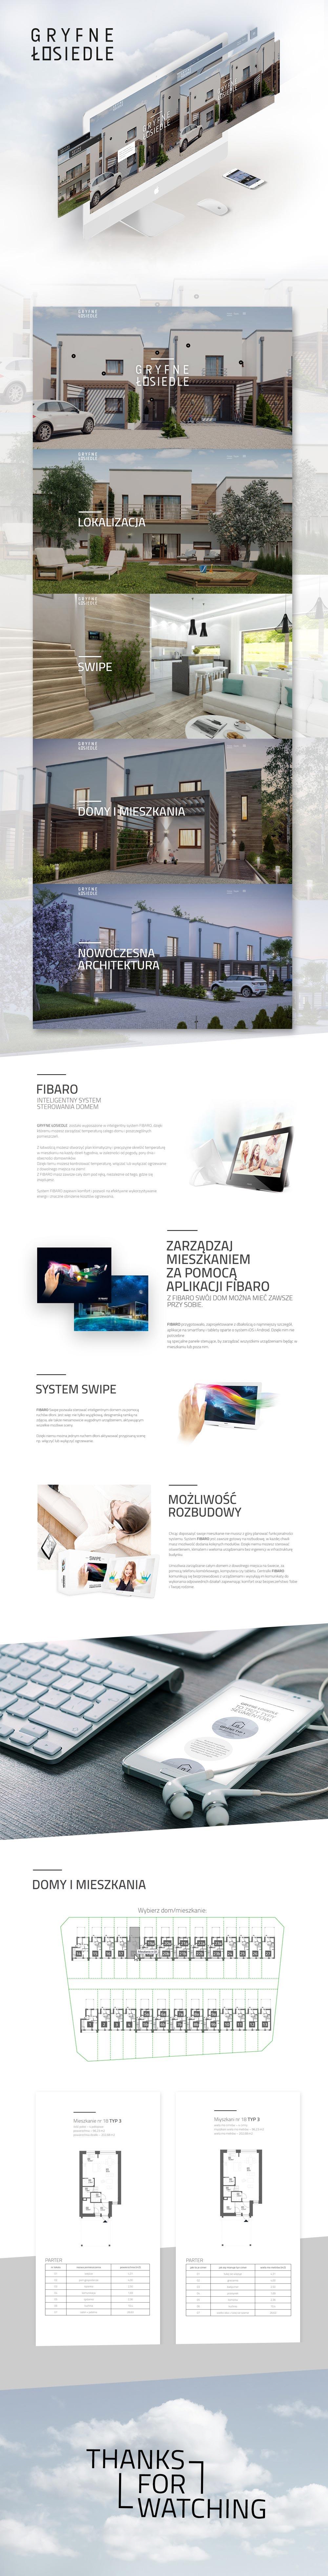 Gryfne łosiedle - projekt strony